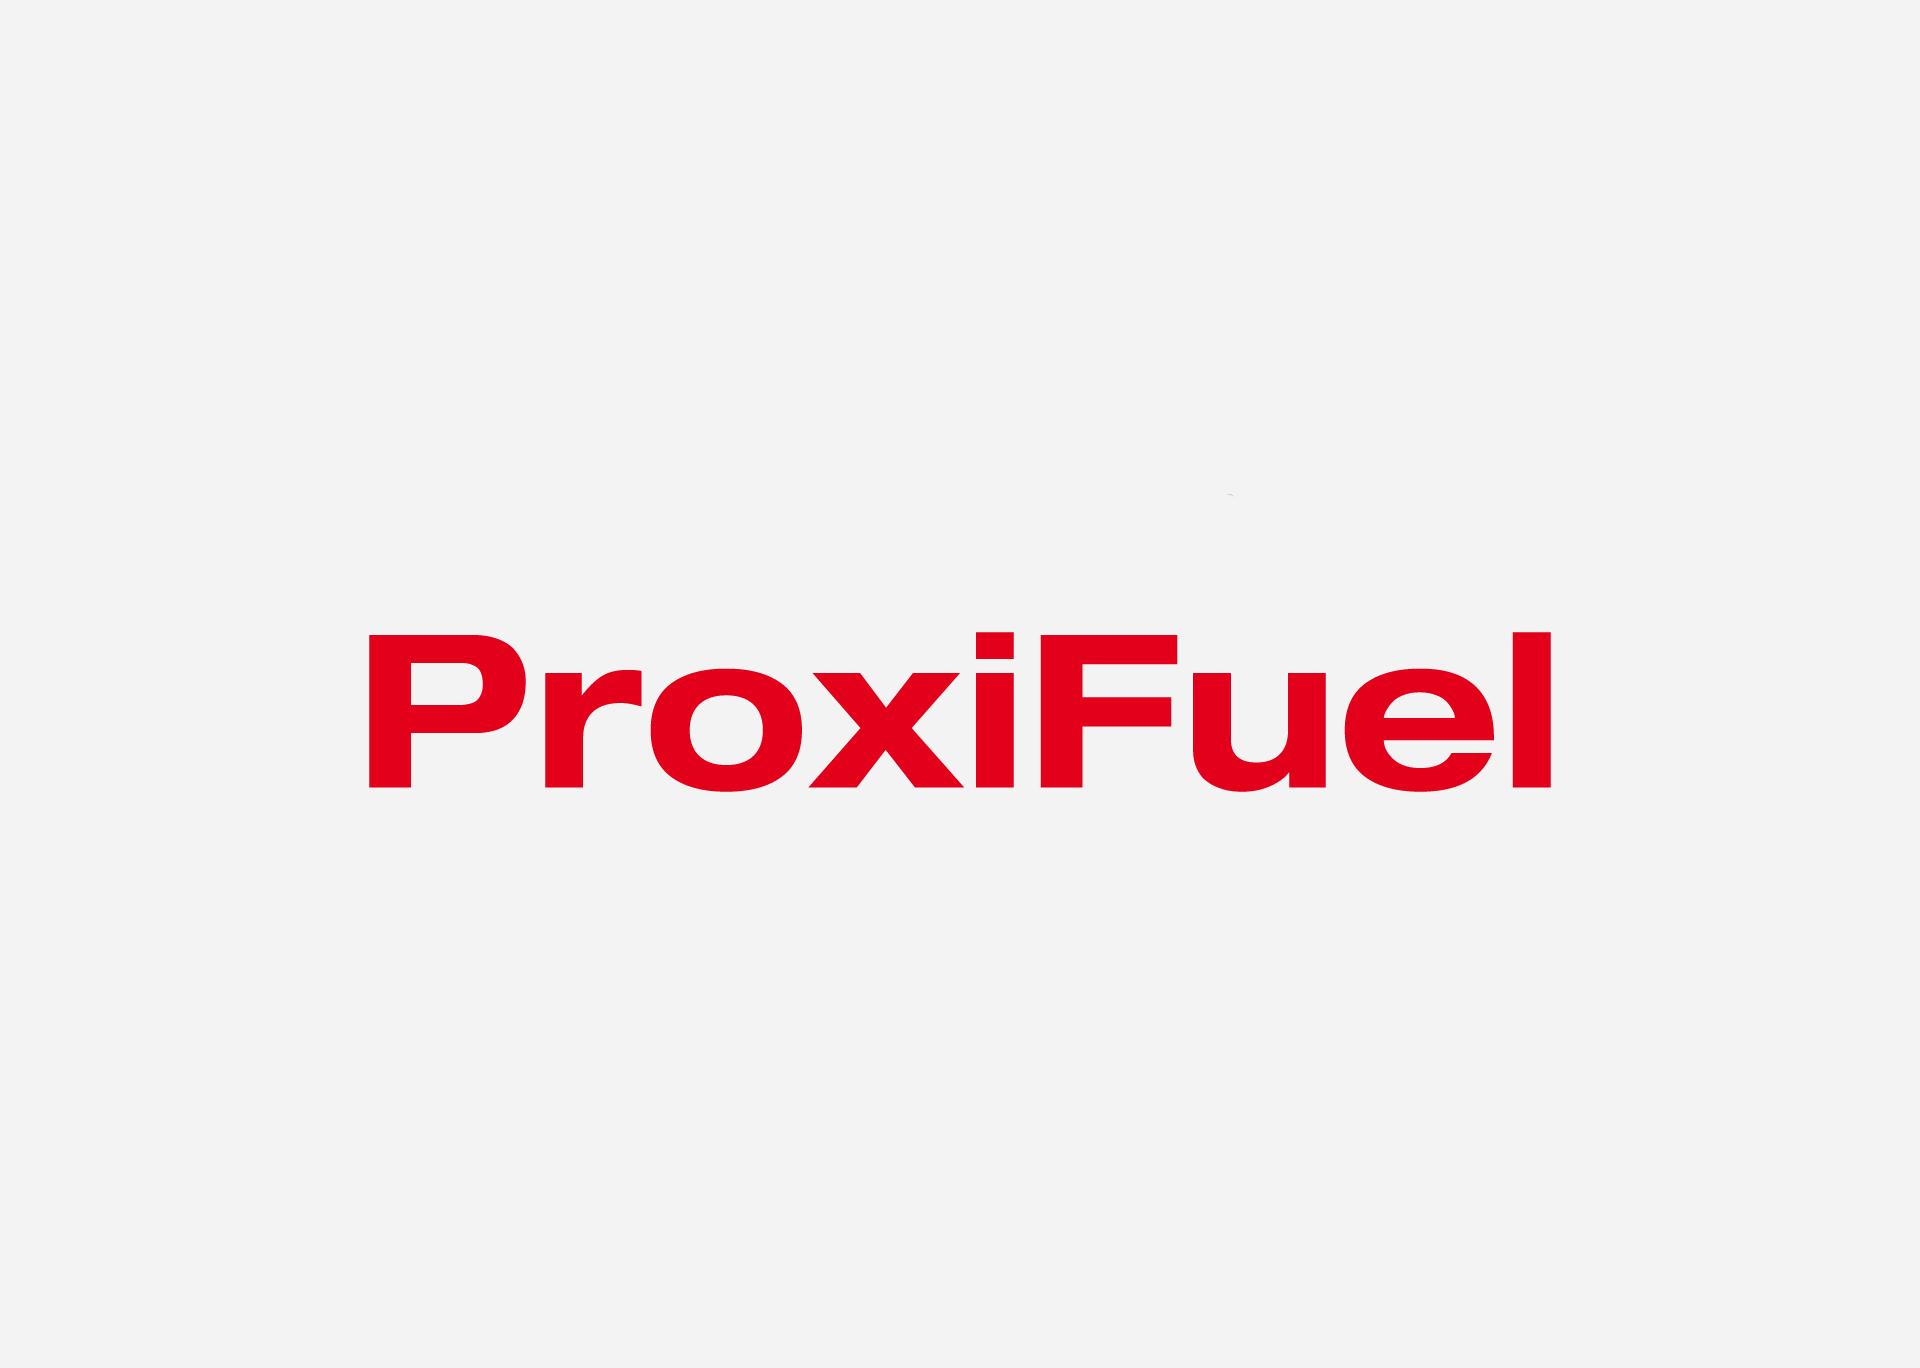 ProxiFuel, wie zijn wij?